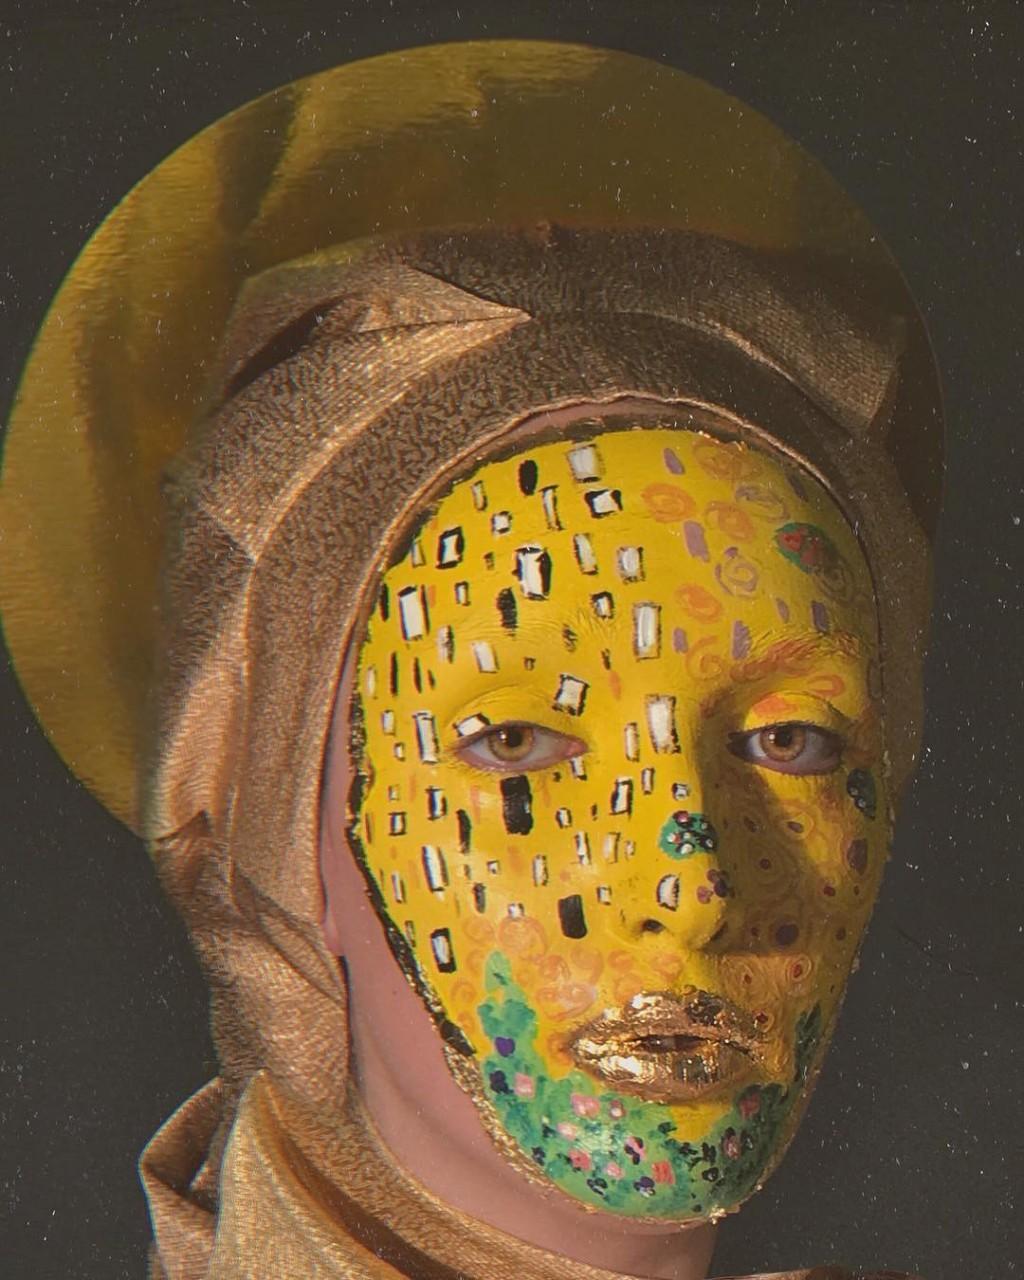 Визажист из Петербурга делает макияж по мотивам картин Ван Гога и Климта — и это очень красиво!